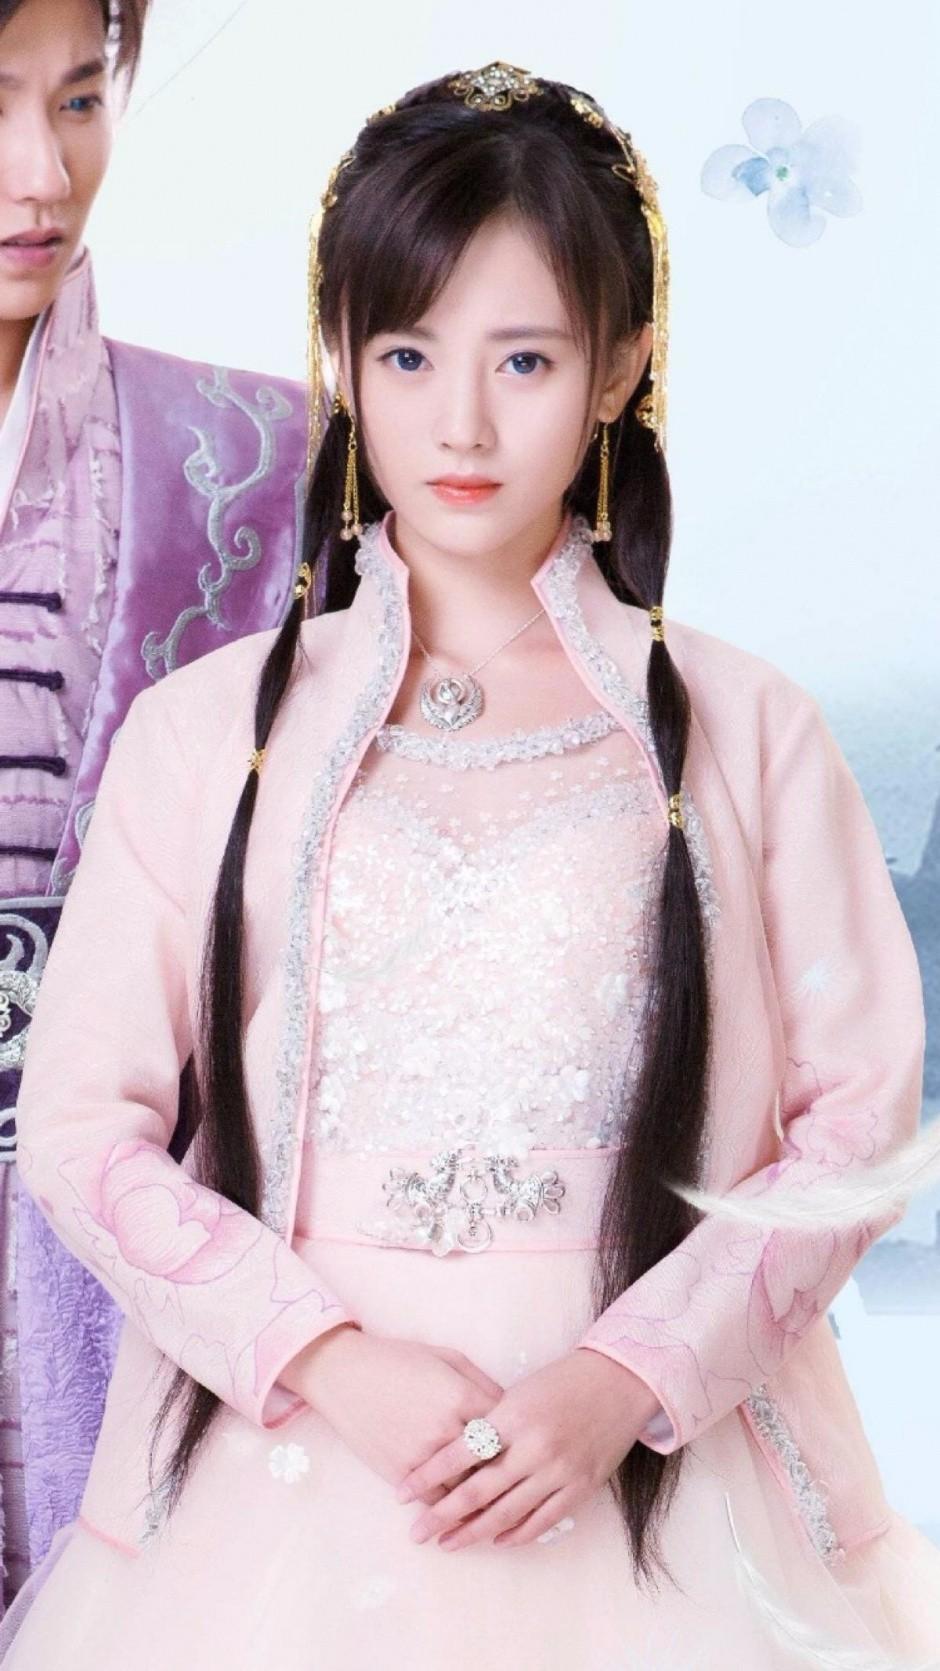 【画像】2017年、中国美少女ランキング1位が決定wwwwwwwwwwwwのサムネイル画像